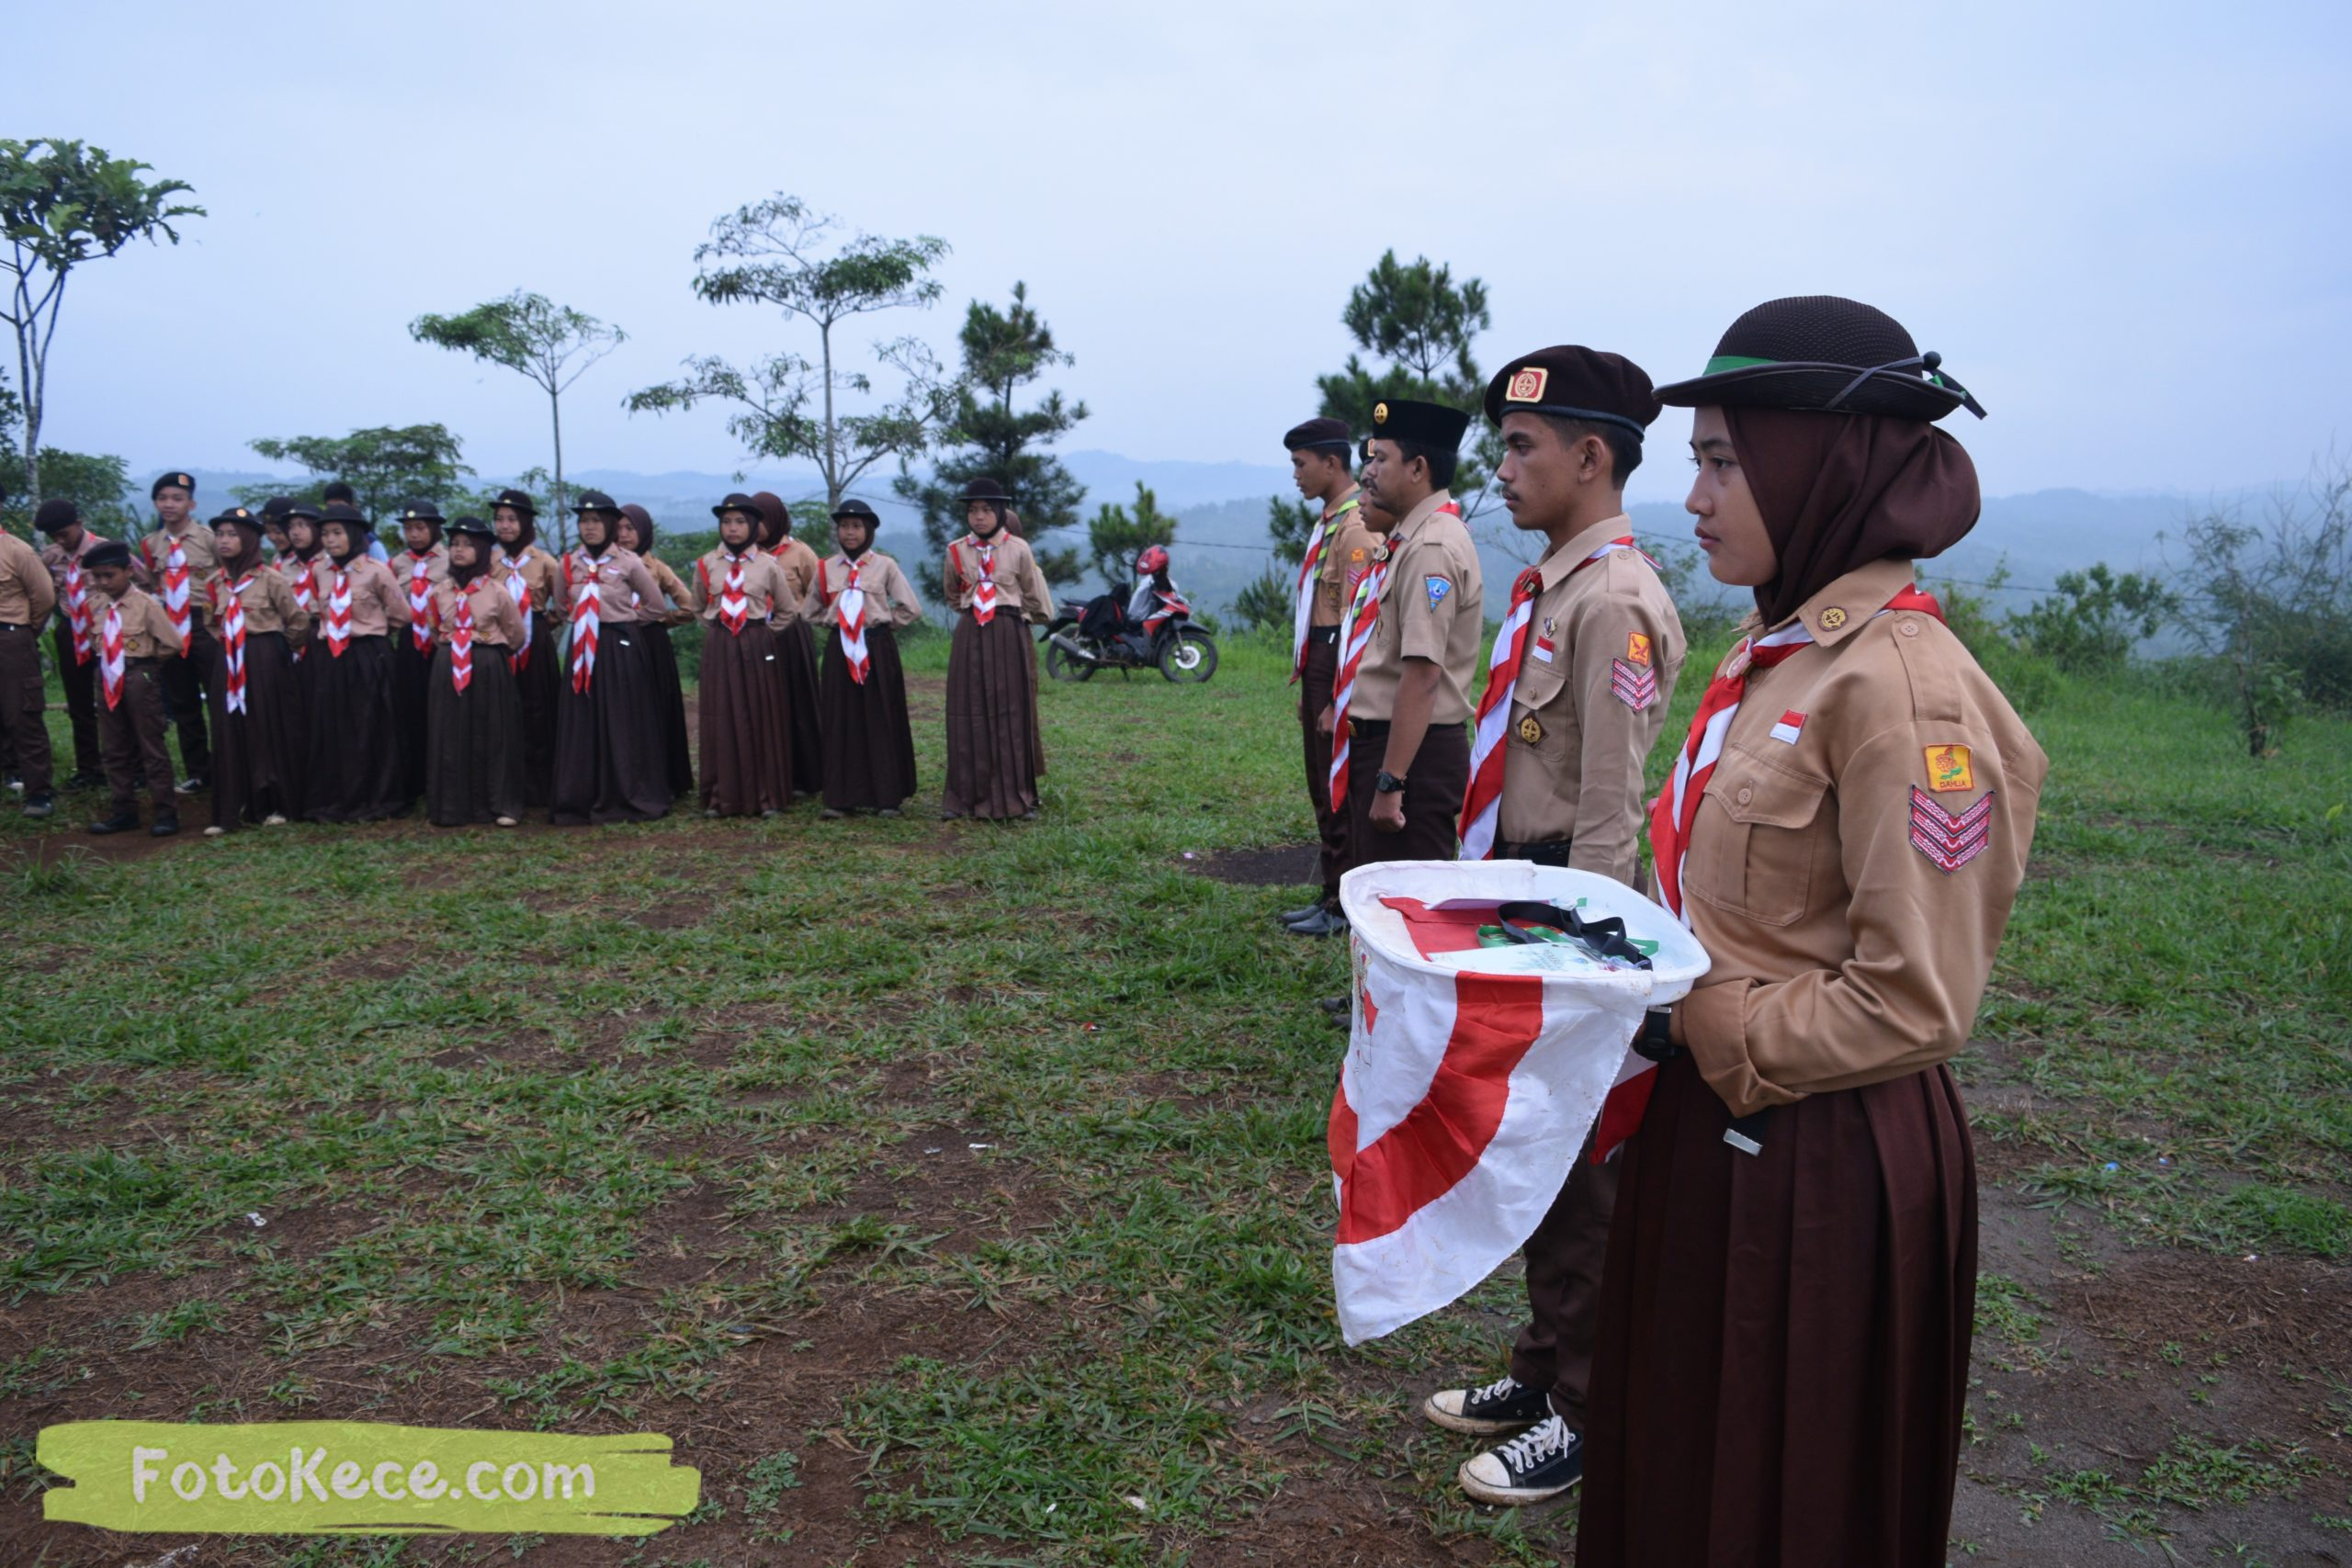 pembukaan perkemahan narakarya 1 mtsn 2 sukabumi 24 25 januari 2020 pramuka hebat wisata alam puncak buluh jampangkulon 12 scaled